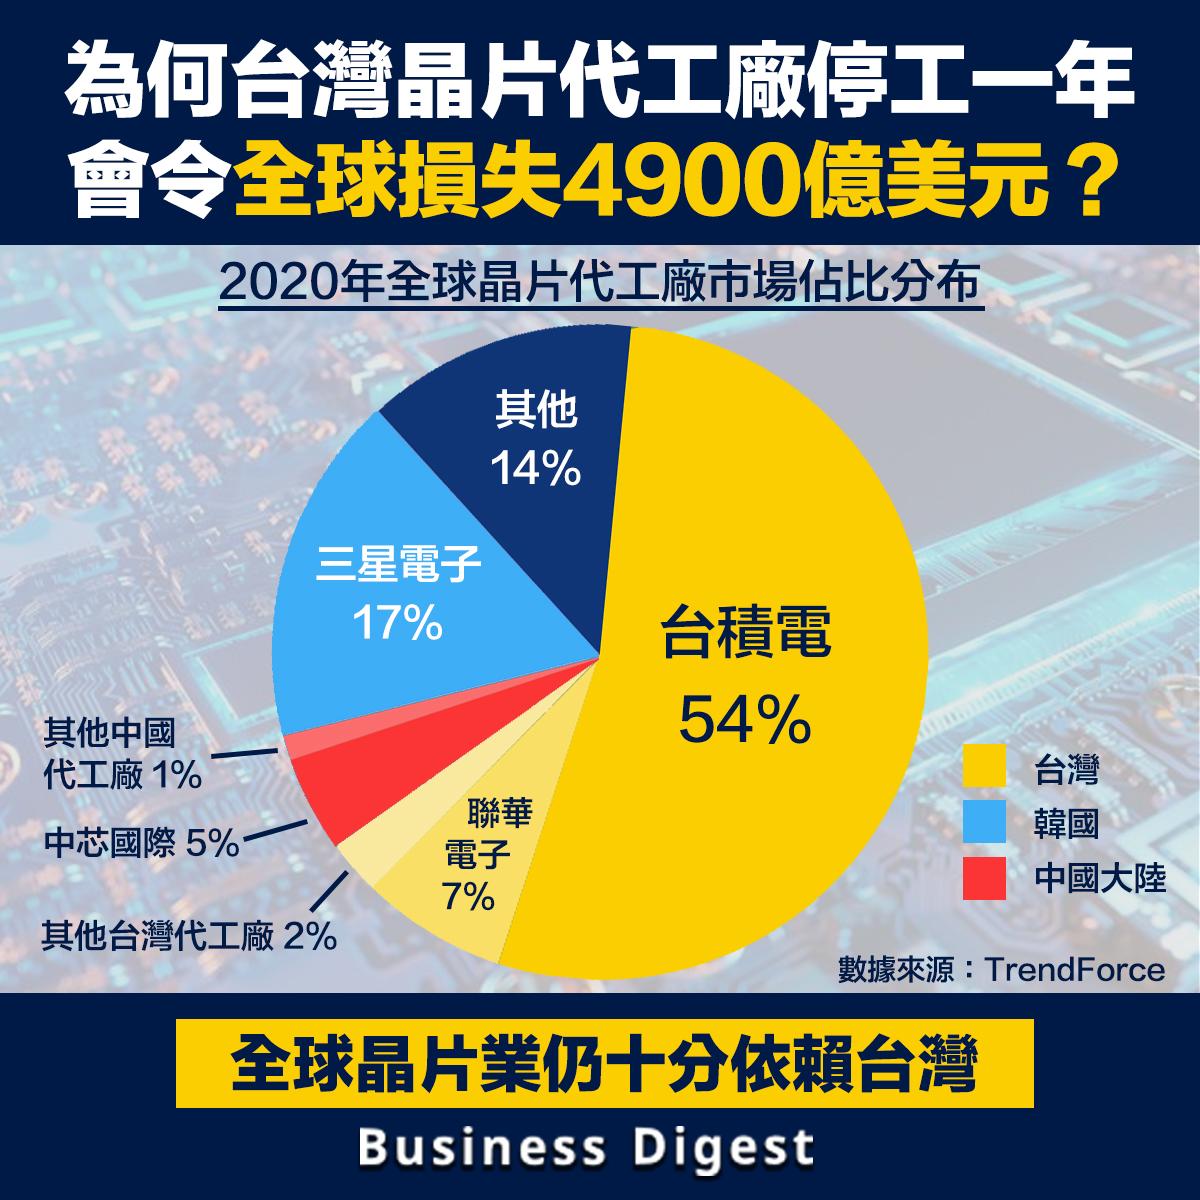 台灣晶片代工廠停工一年會令全球損失4900億美元